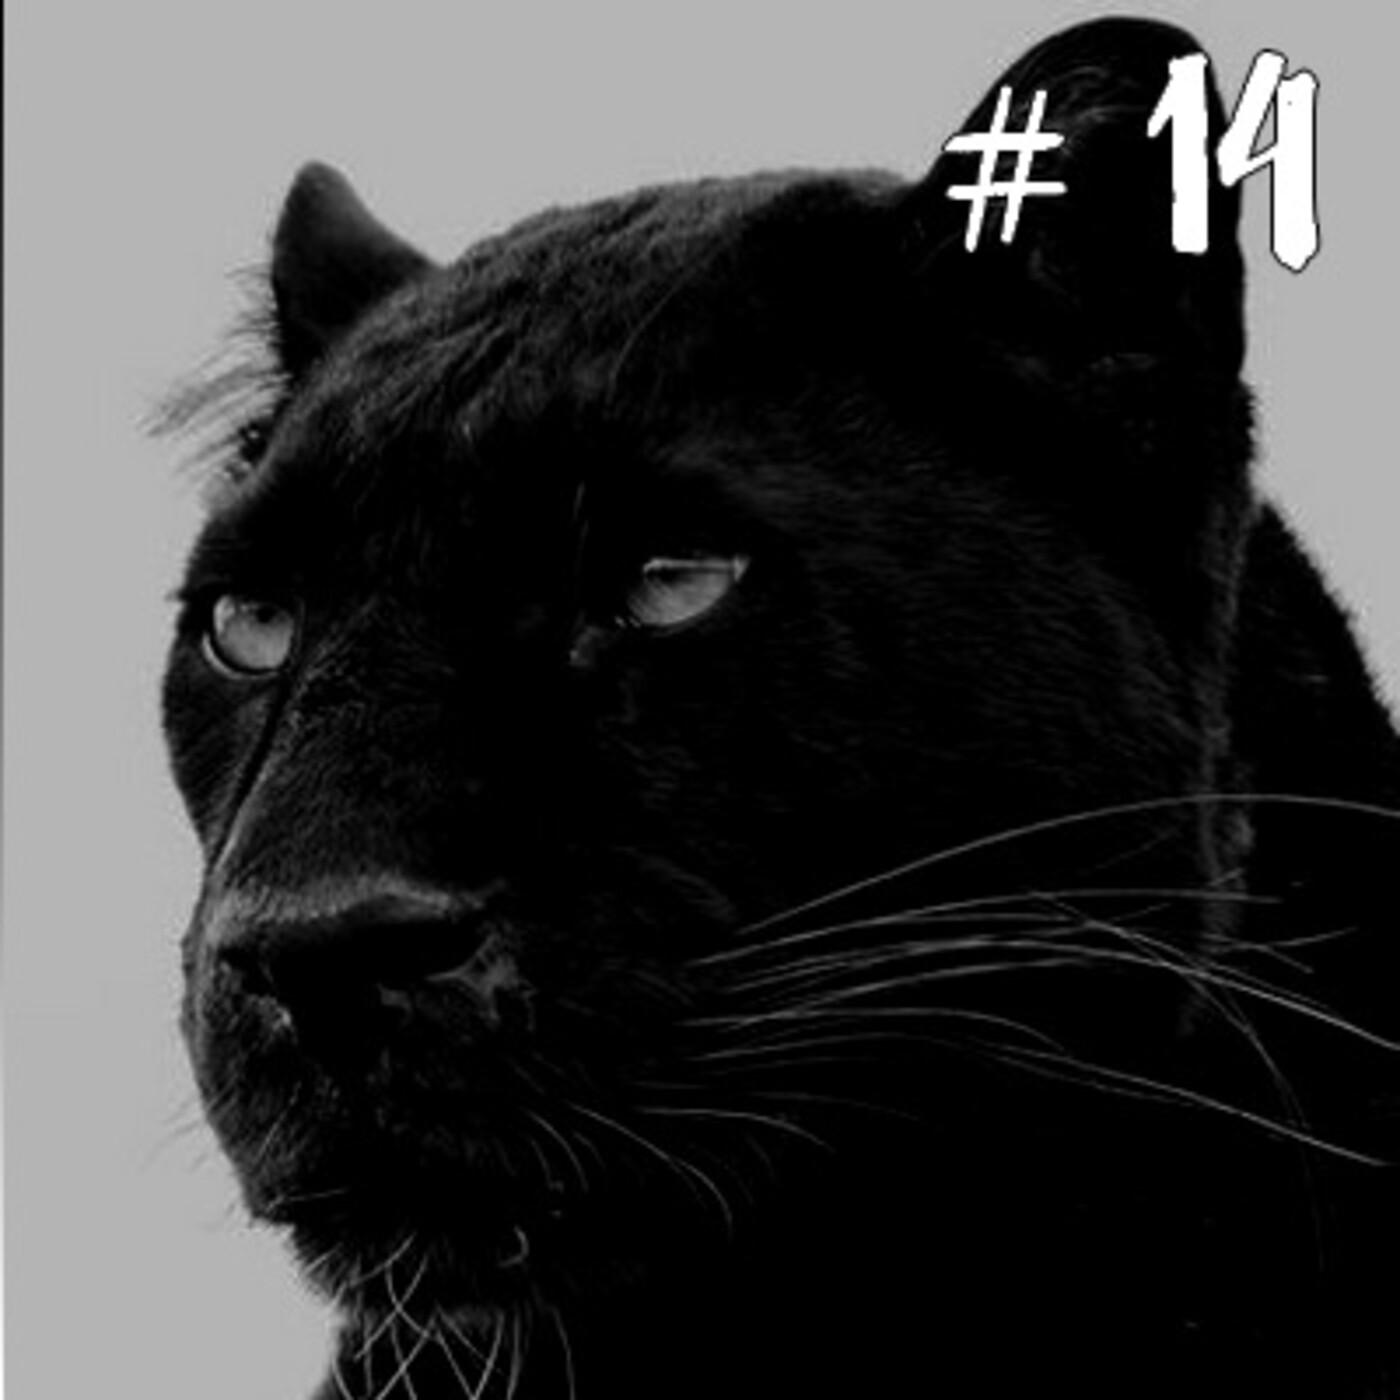 14- Avistamento de Big Cat em Oban, Reino Unido